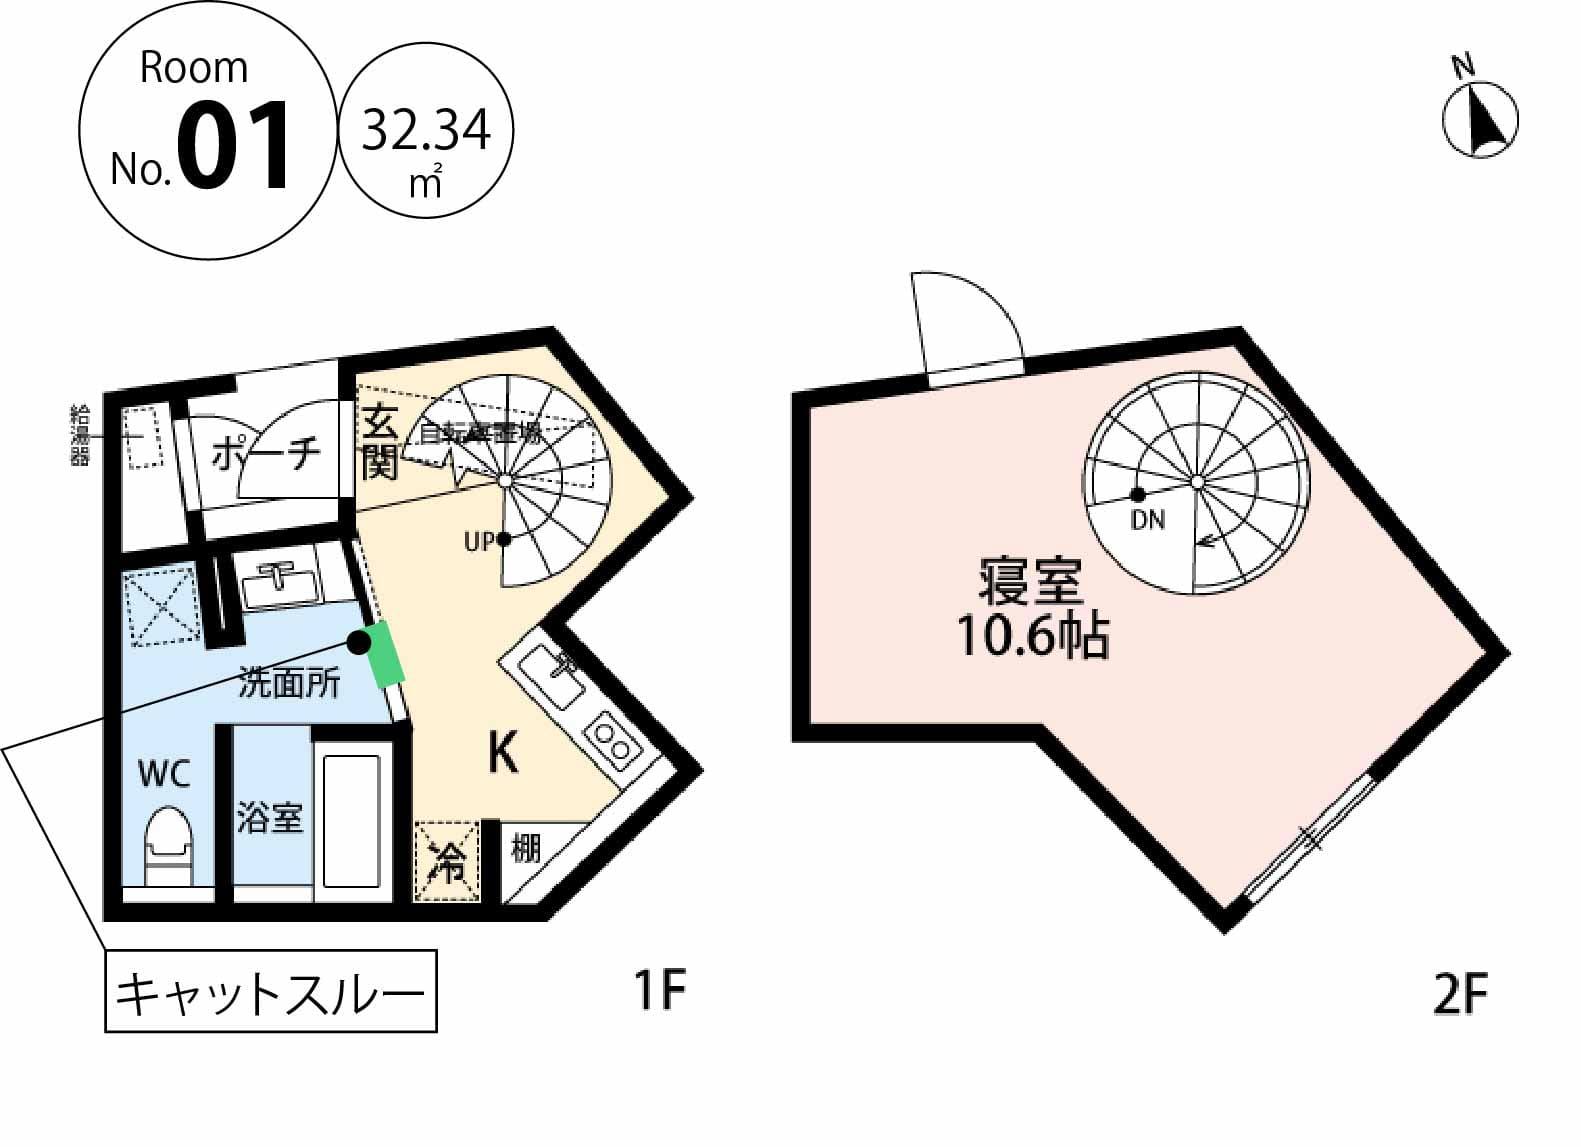 ◆お家賃108,000円(管理費別3,000円)◆ /螺旋階段付き住戸♪/ /2面採光/ /お二人暮らしもご検討いただける広さ/猫ちゃんは2匹まで(相談)